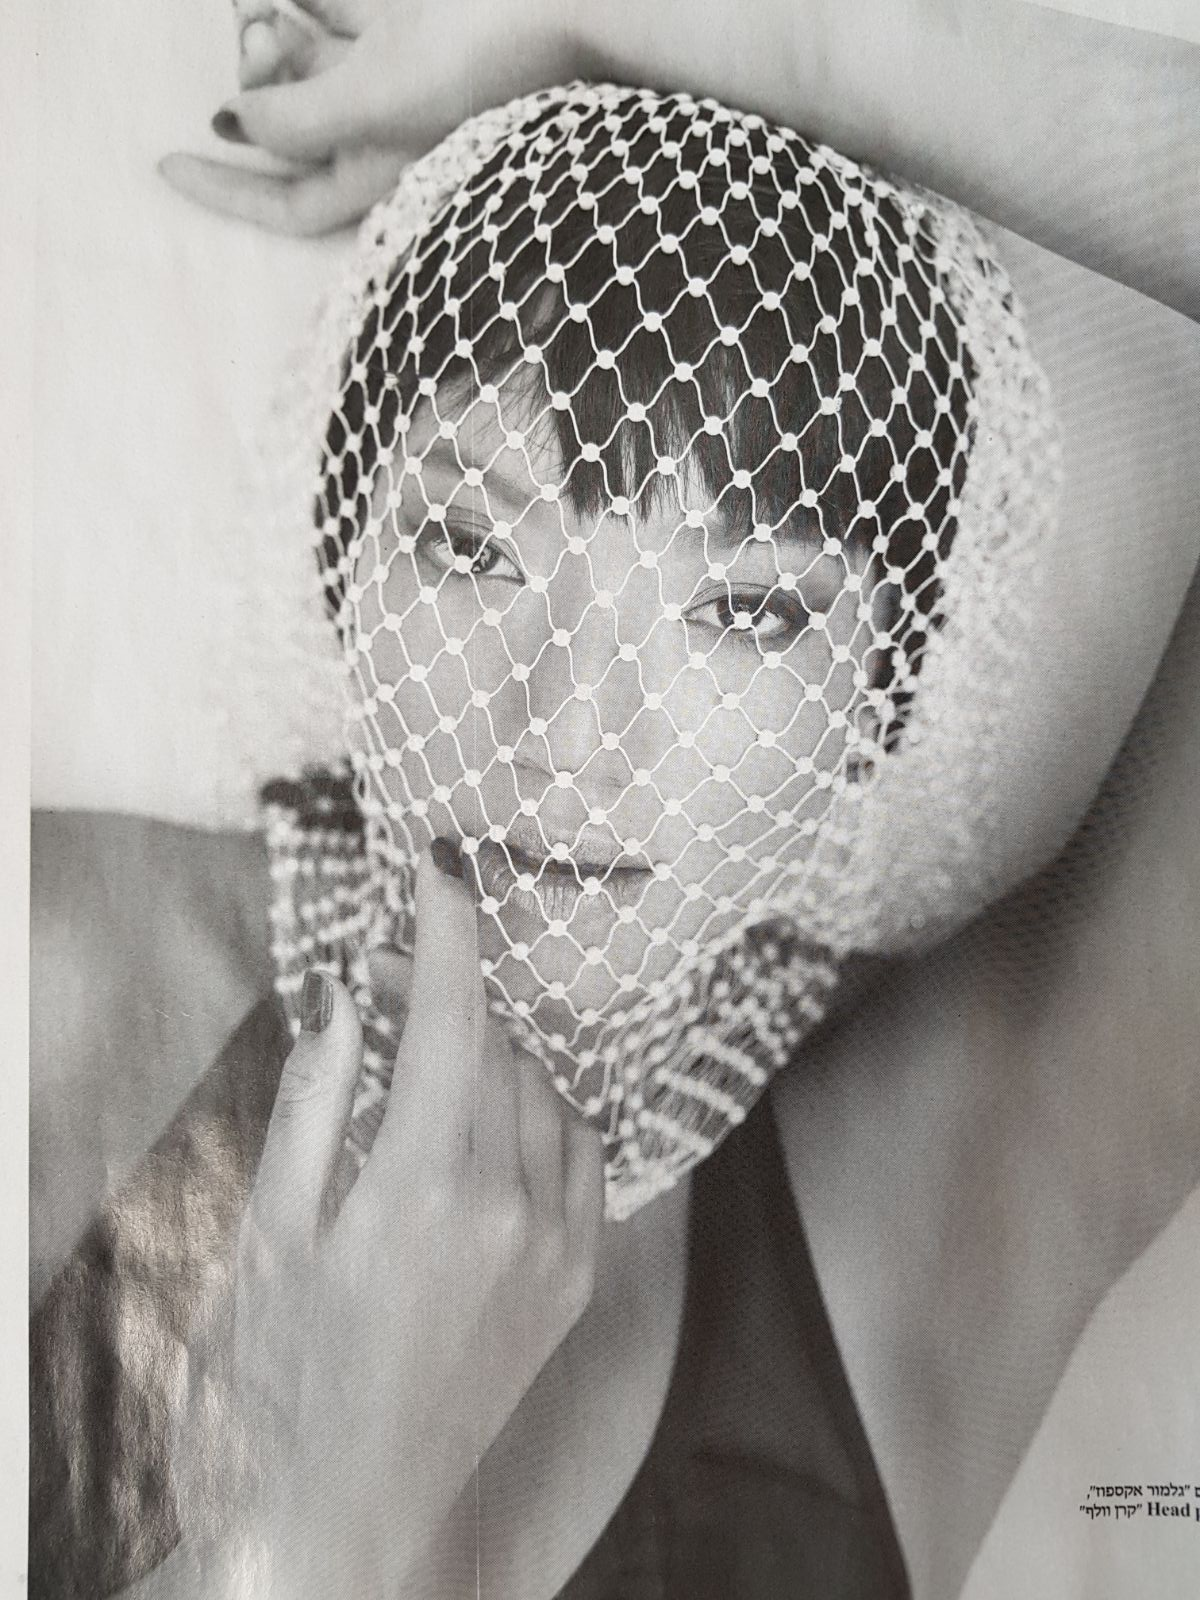 מגזין שמנת עם רבקה זהבי Hair Fashion צילום: בנימין אדם